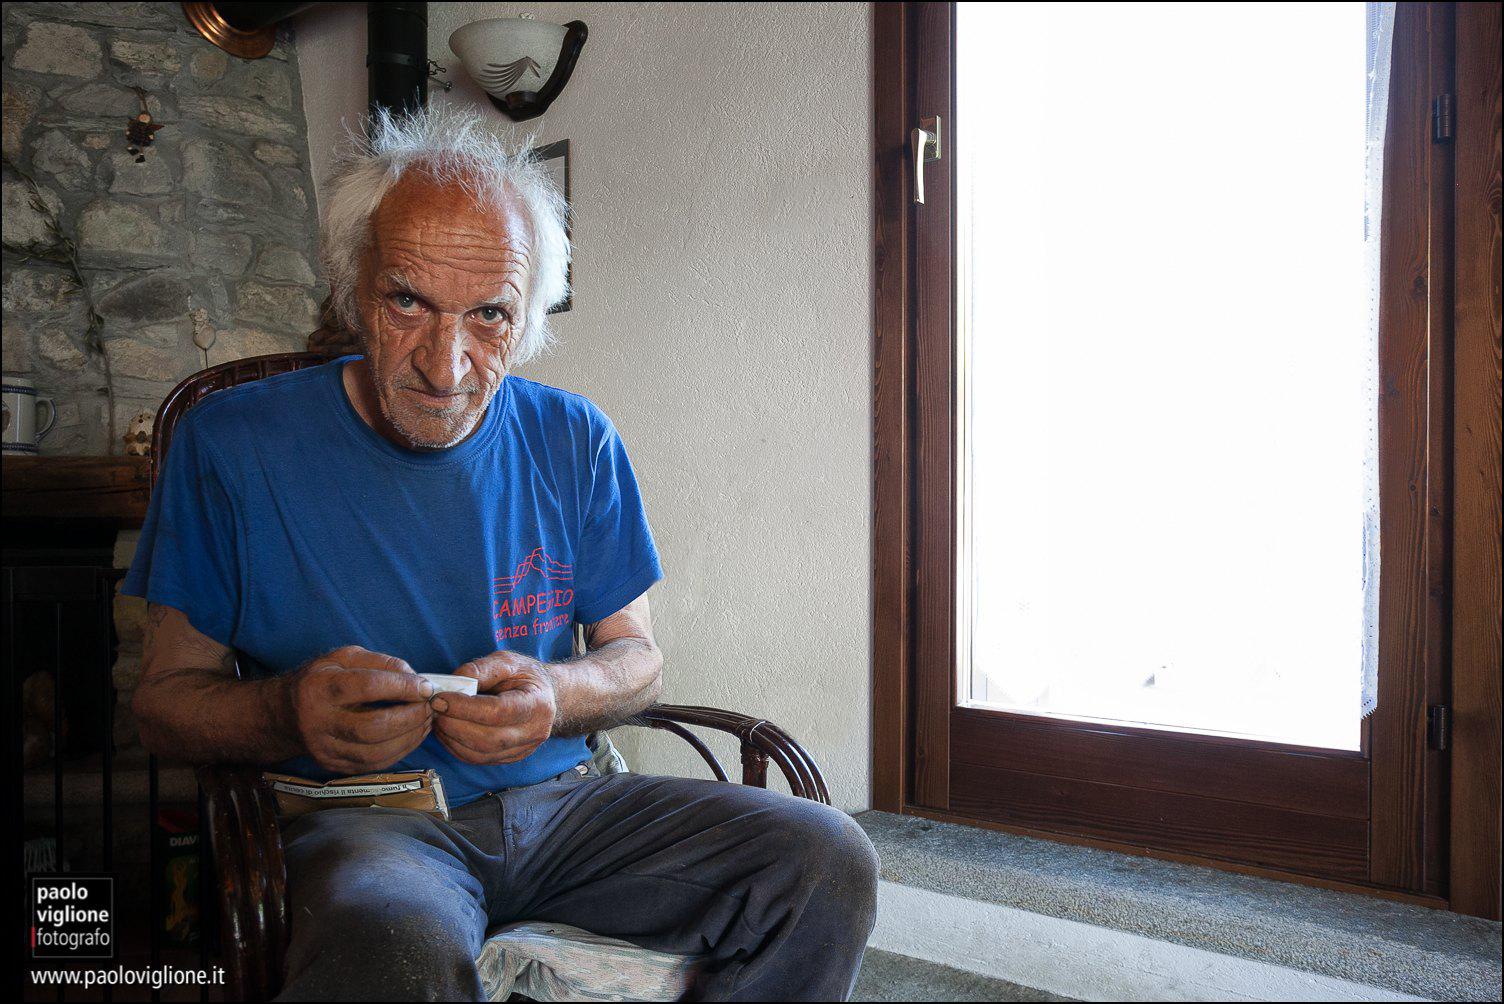 Eugenio Girardi, Frazione Villaro, Acceglio